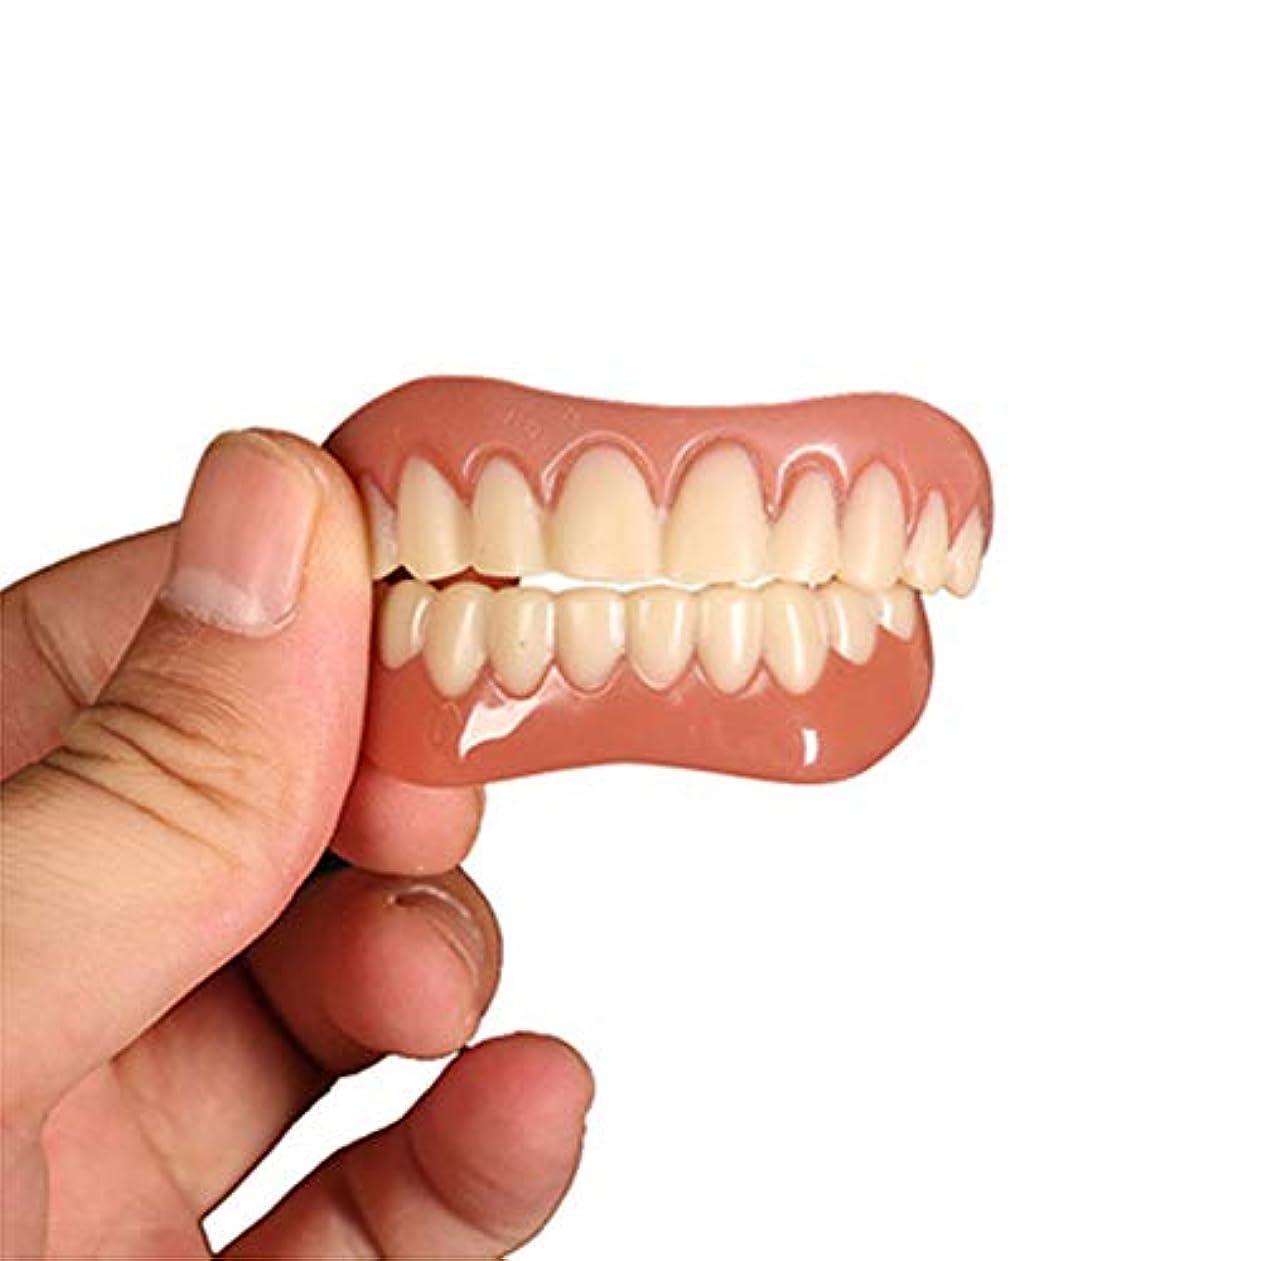 引退した仕事修道院8セット、化粧品の歯、白い歯をきれいにするための快適さにフィットするフレックス歯のソケット、化粧品の歯義歯の歯のトップ化粧品、